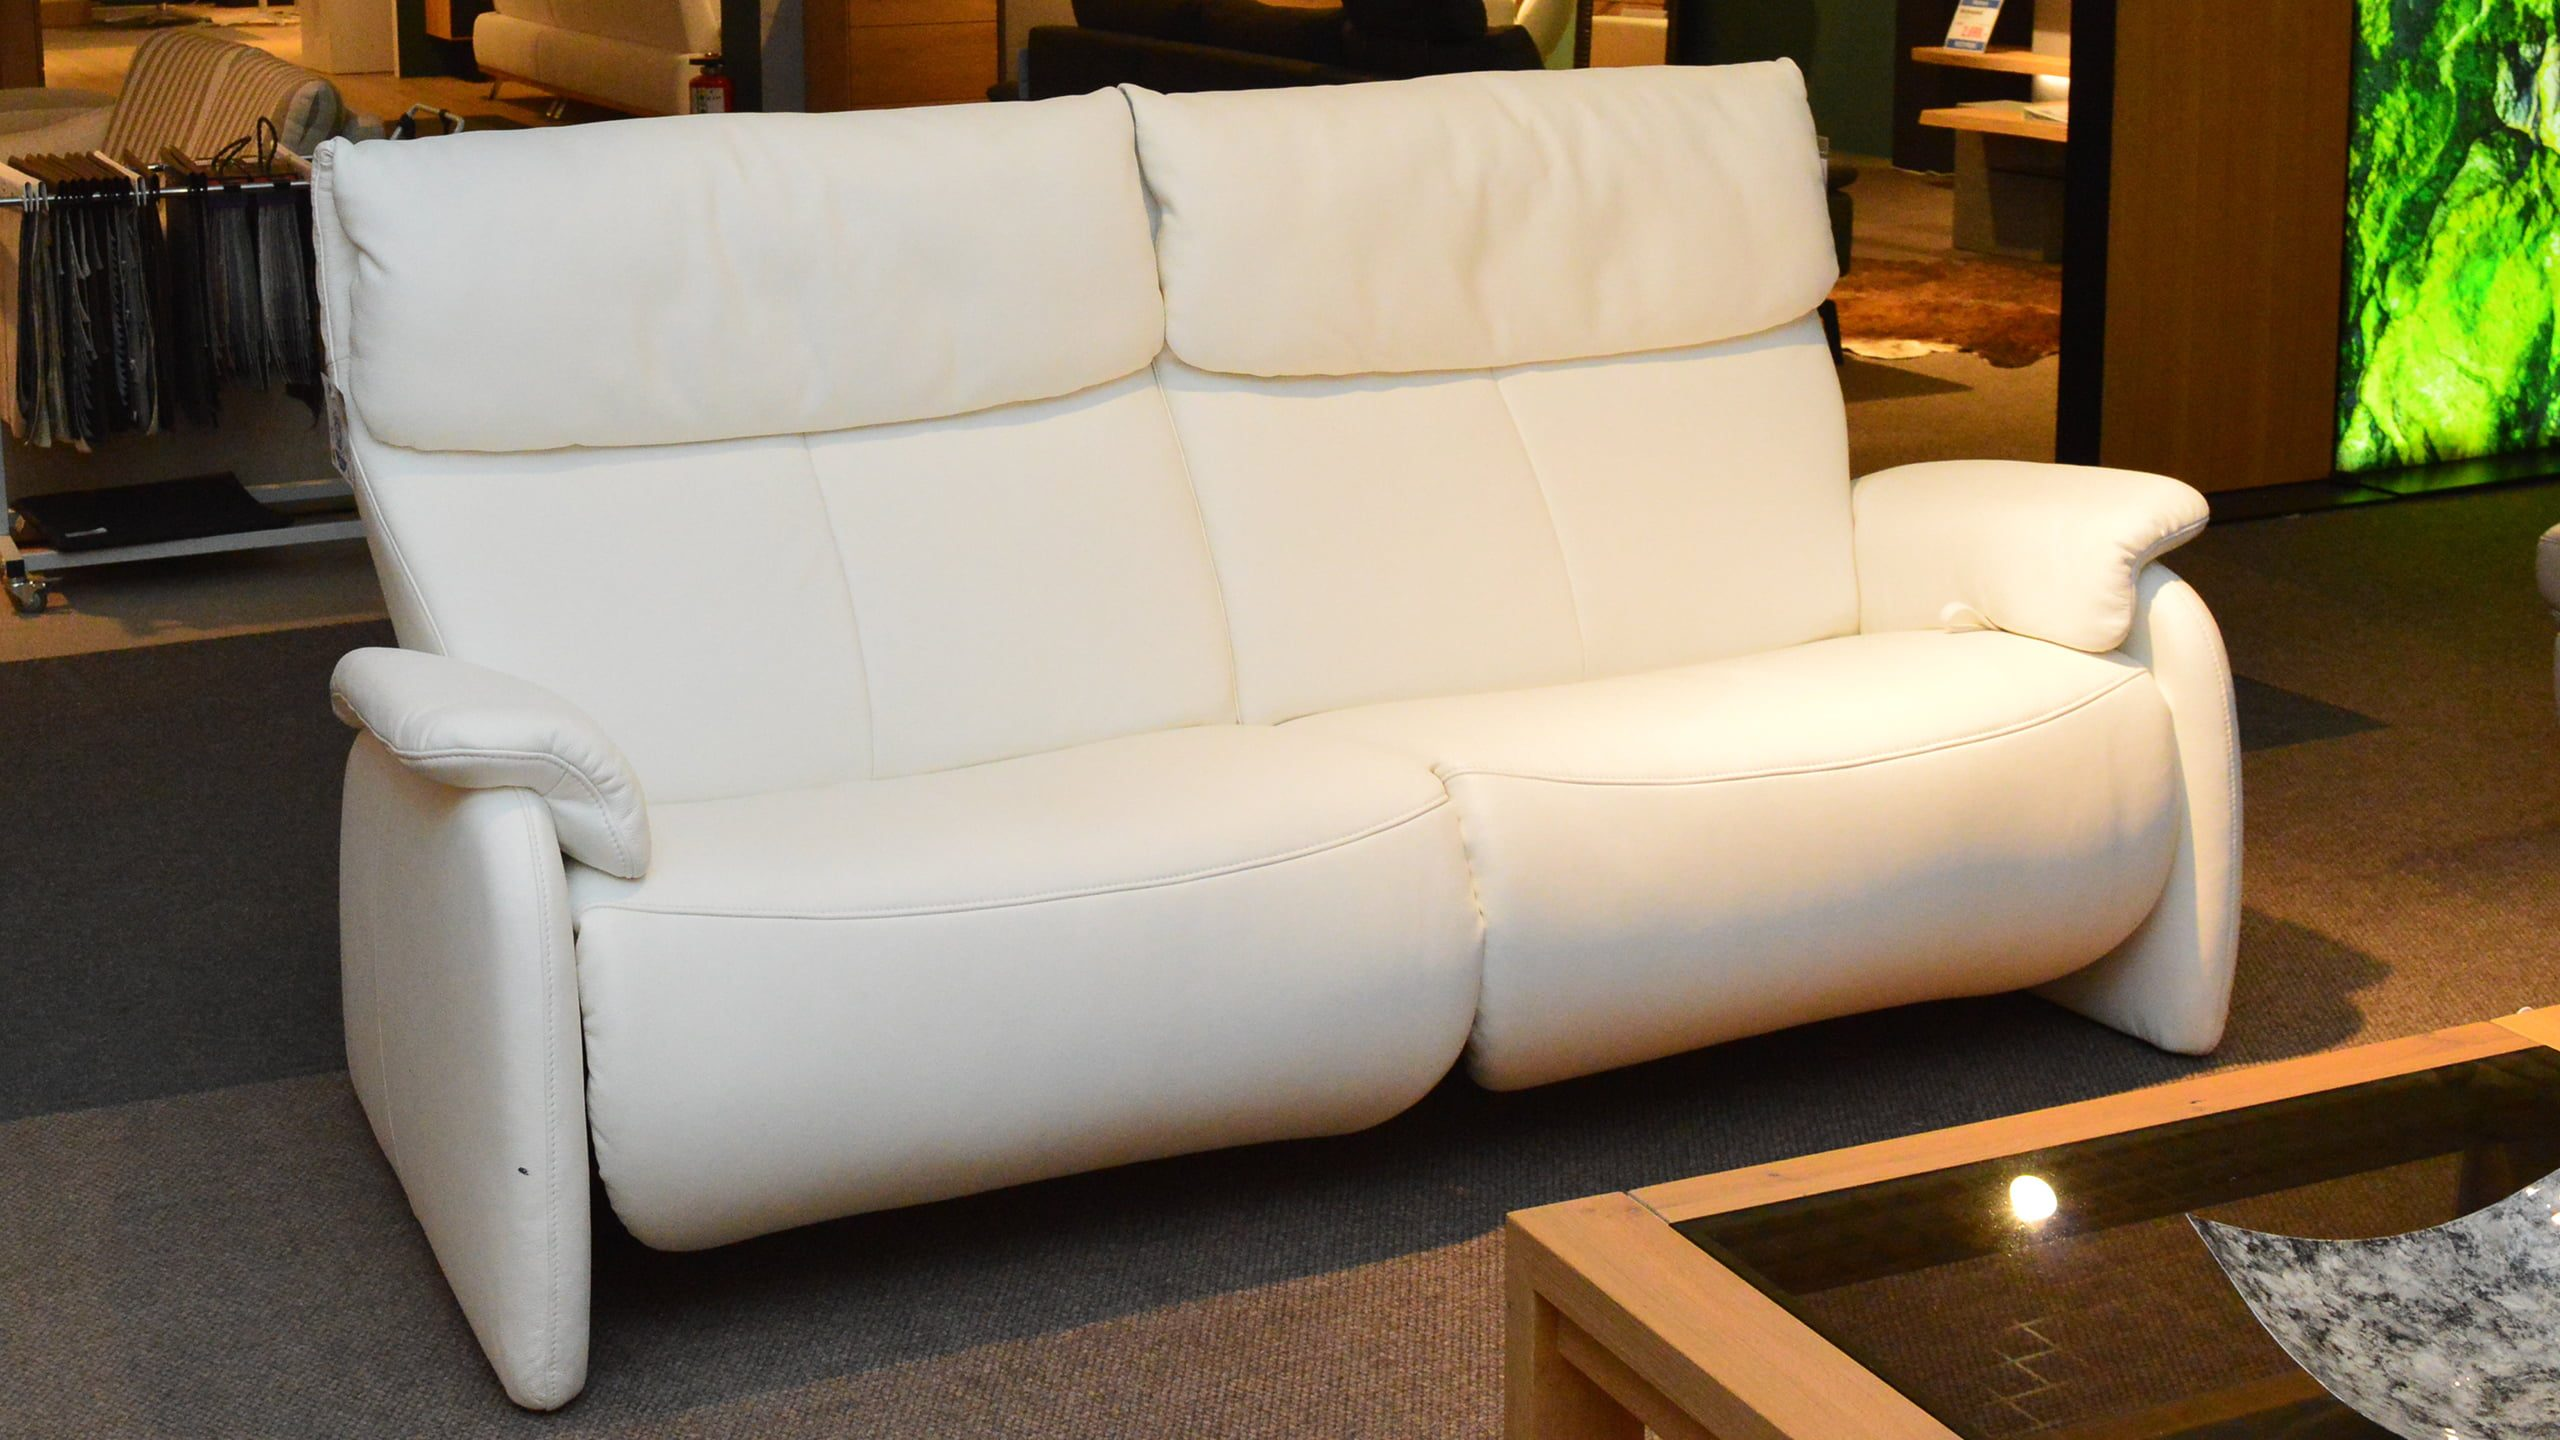 Himolla 3-Sitzer Sofa 4869 82 X44